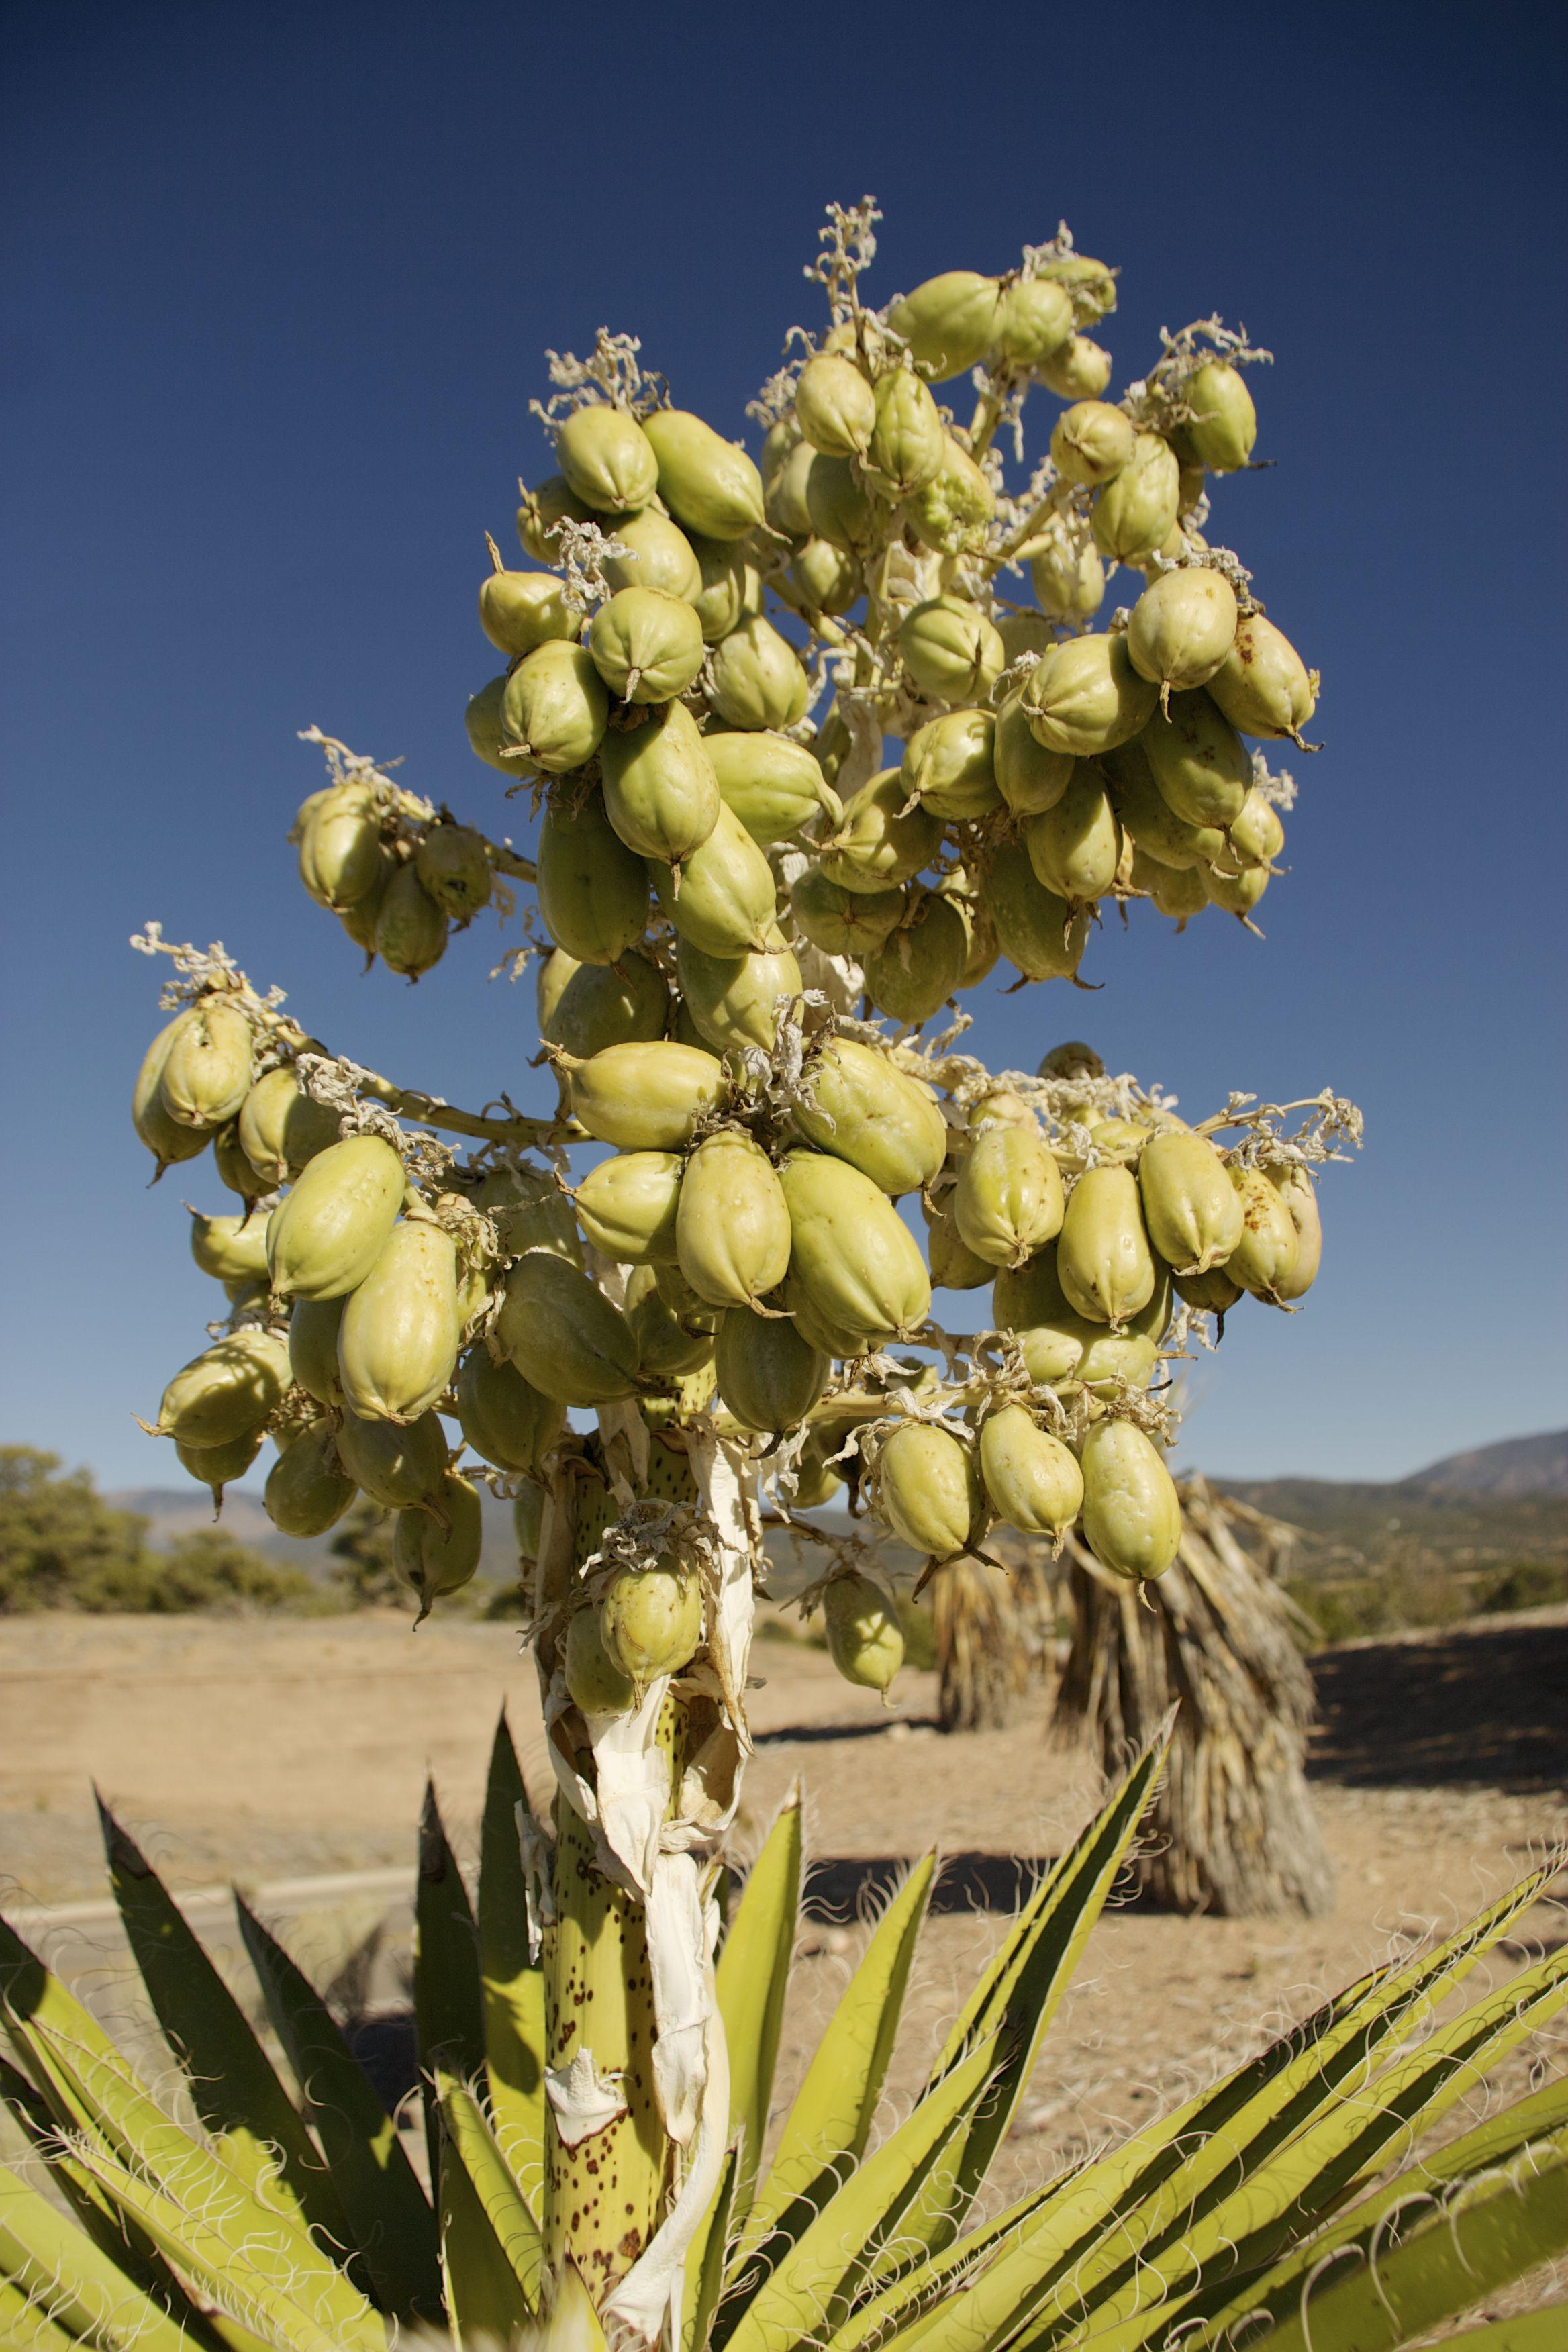 The Edible Fruit Of Banana Yucca Aka Yucca Baccata